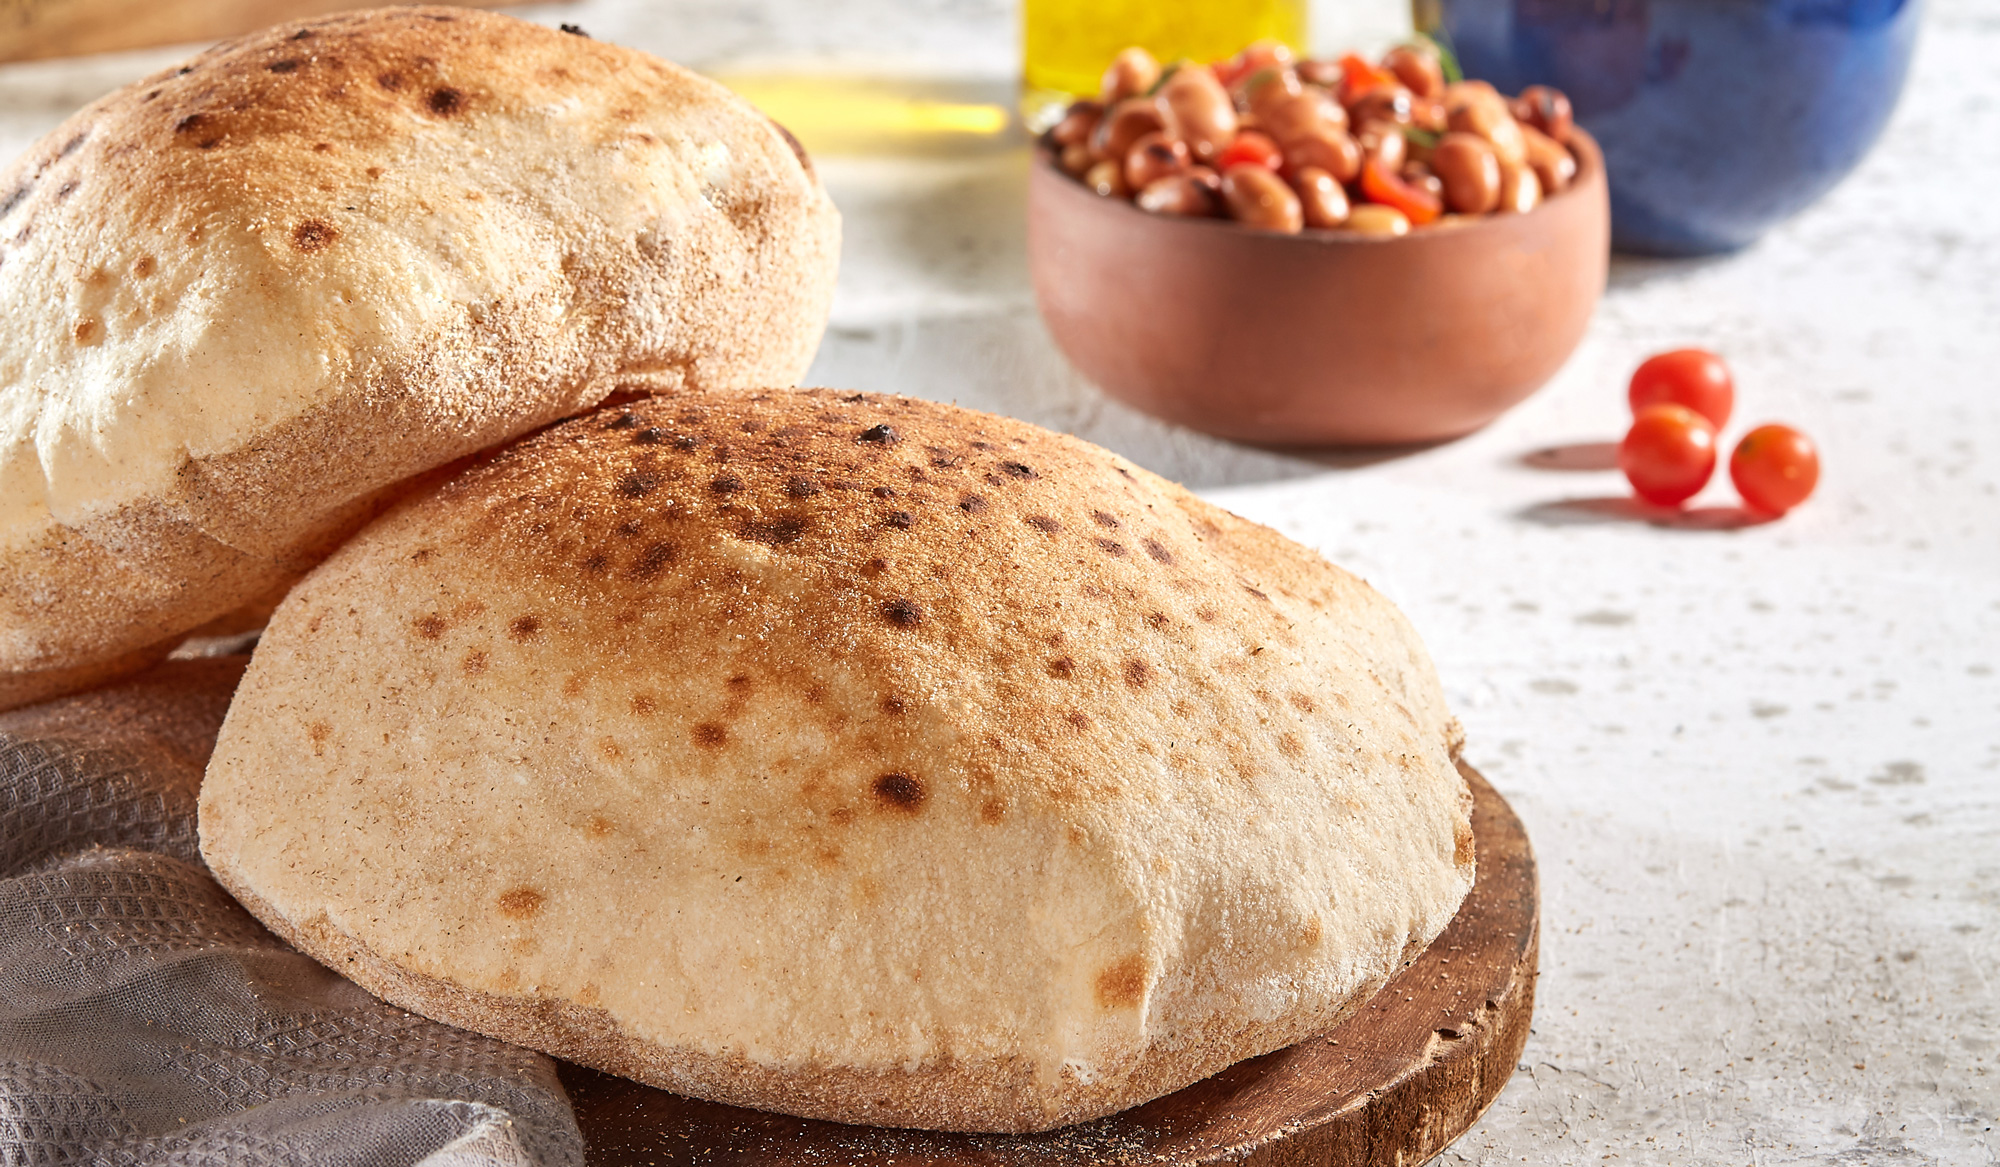 أفضل طريقة للحفاظ على الخبز طازجًا لأطول فترة ممكنة